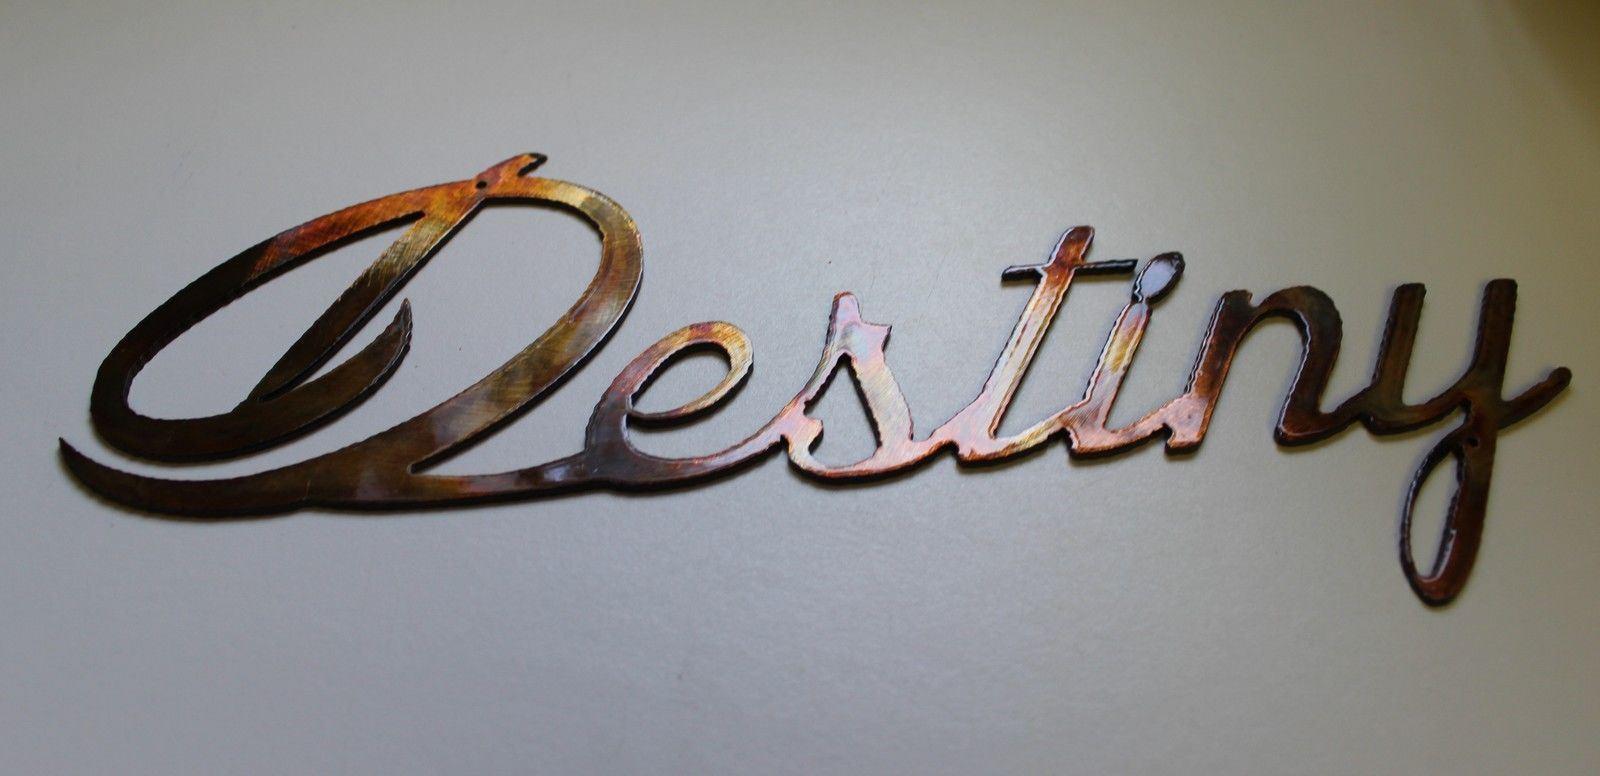 Destiny Metal Wall Art Accents  copper/bronze finish